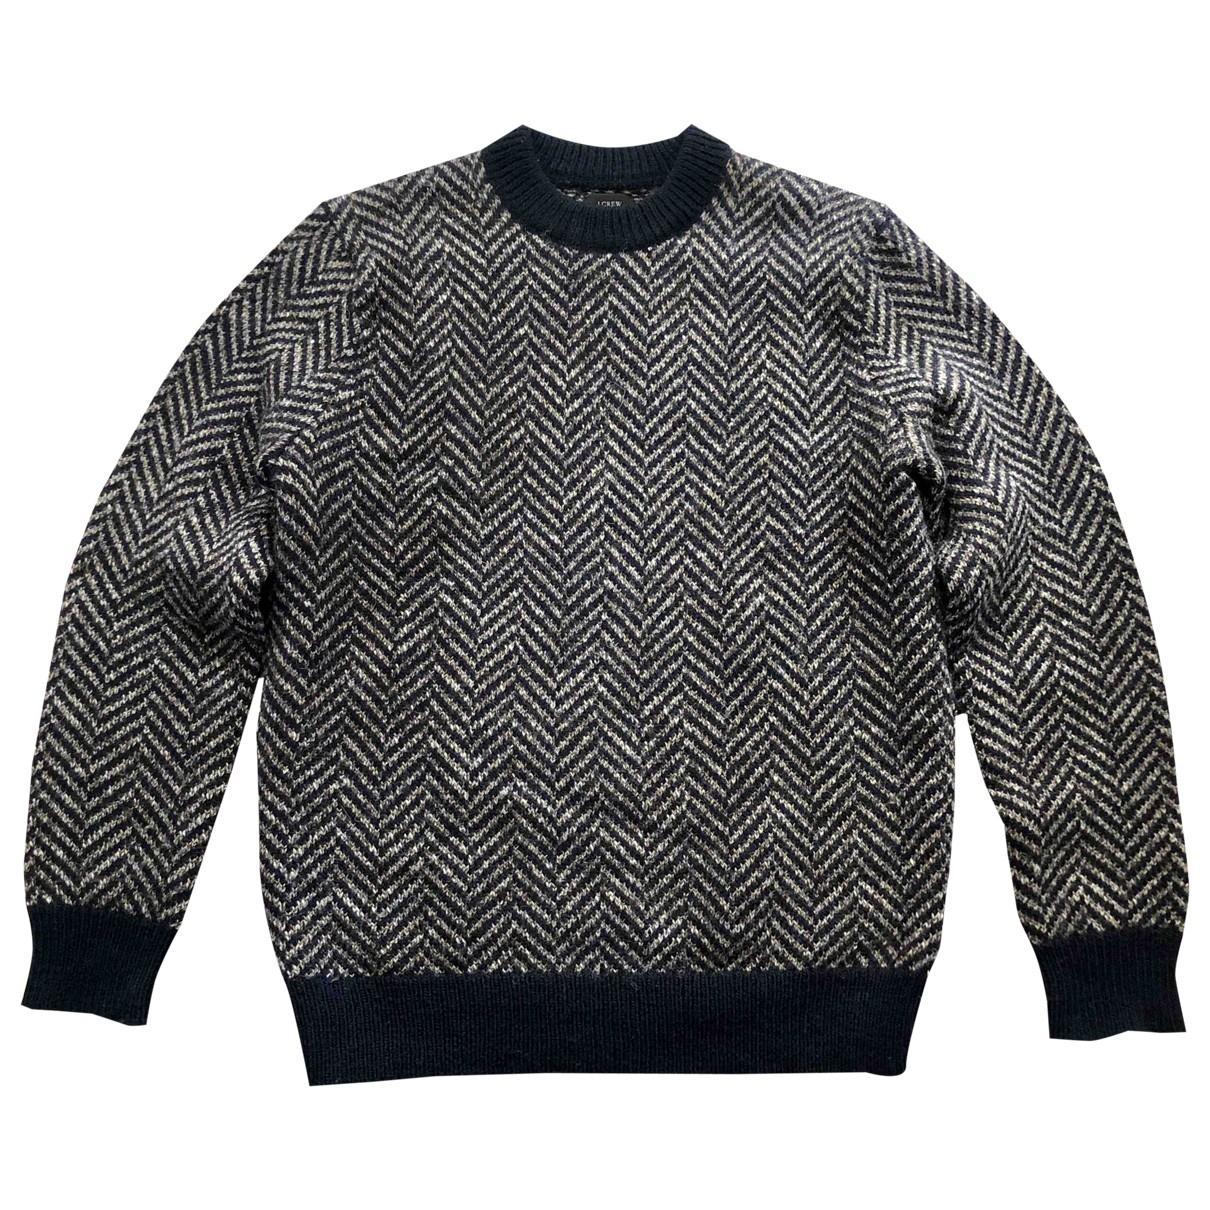 J.crew \N Wool Knitwear & Sweatshirts for Men S International